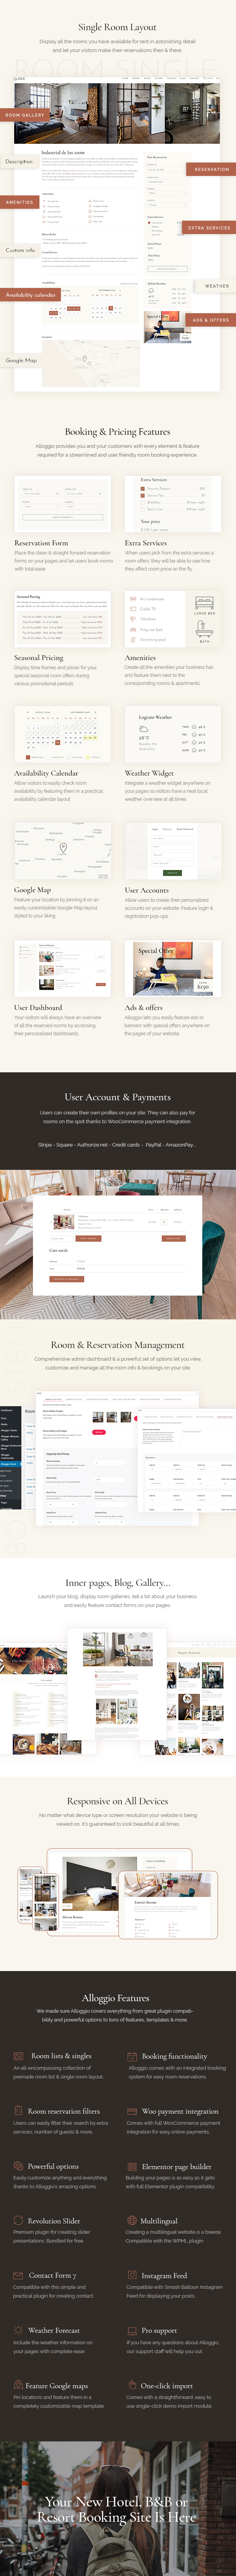 Alloggio - Hotel Booking Theme - 3